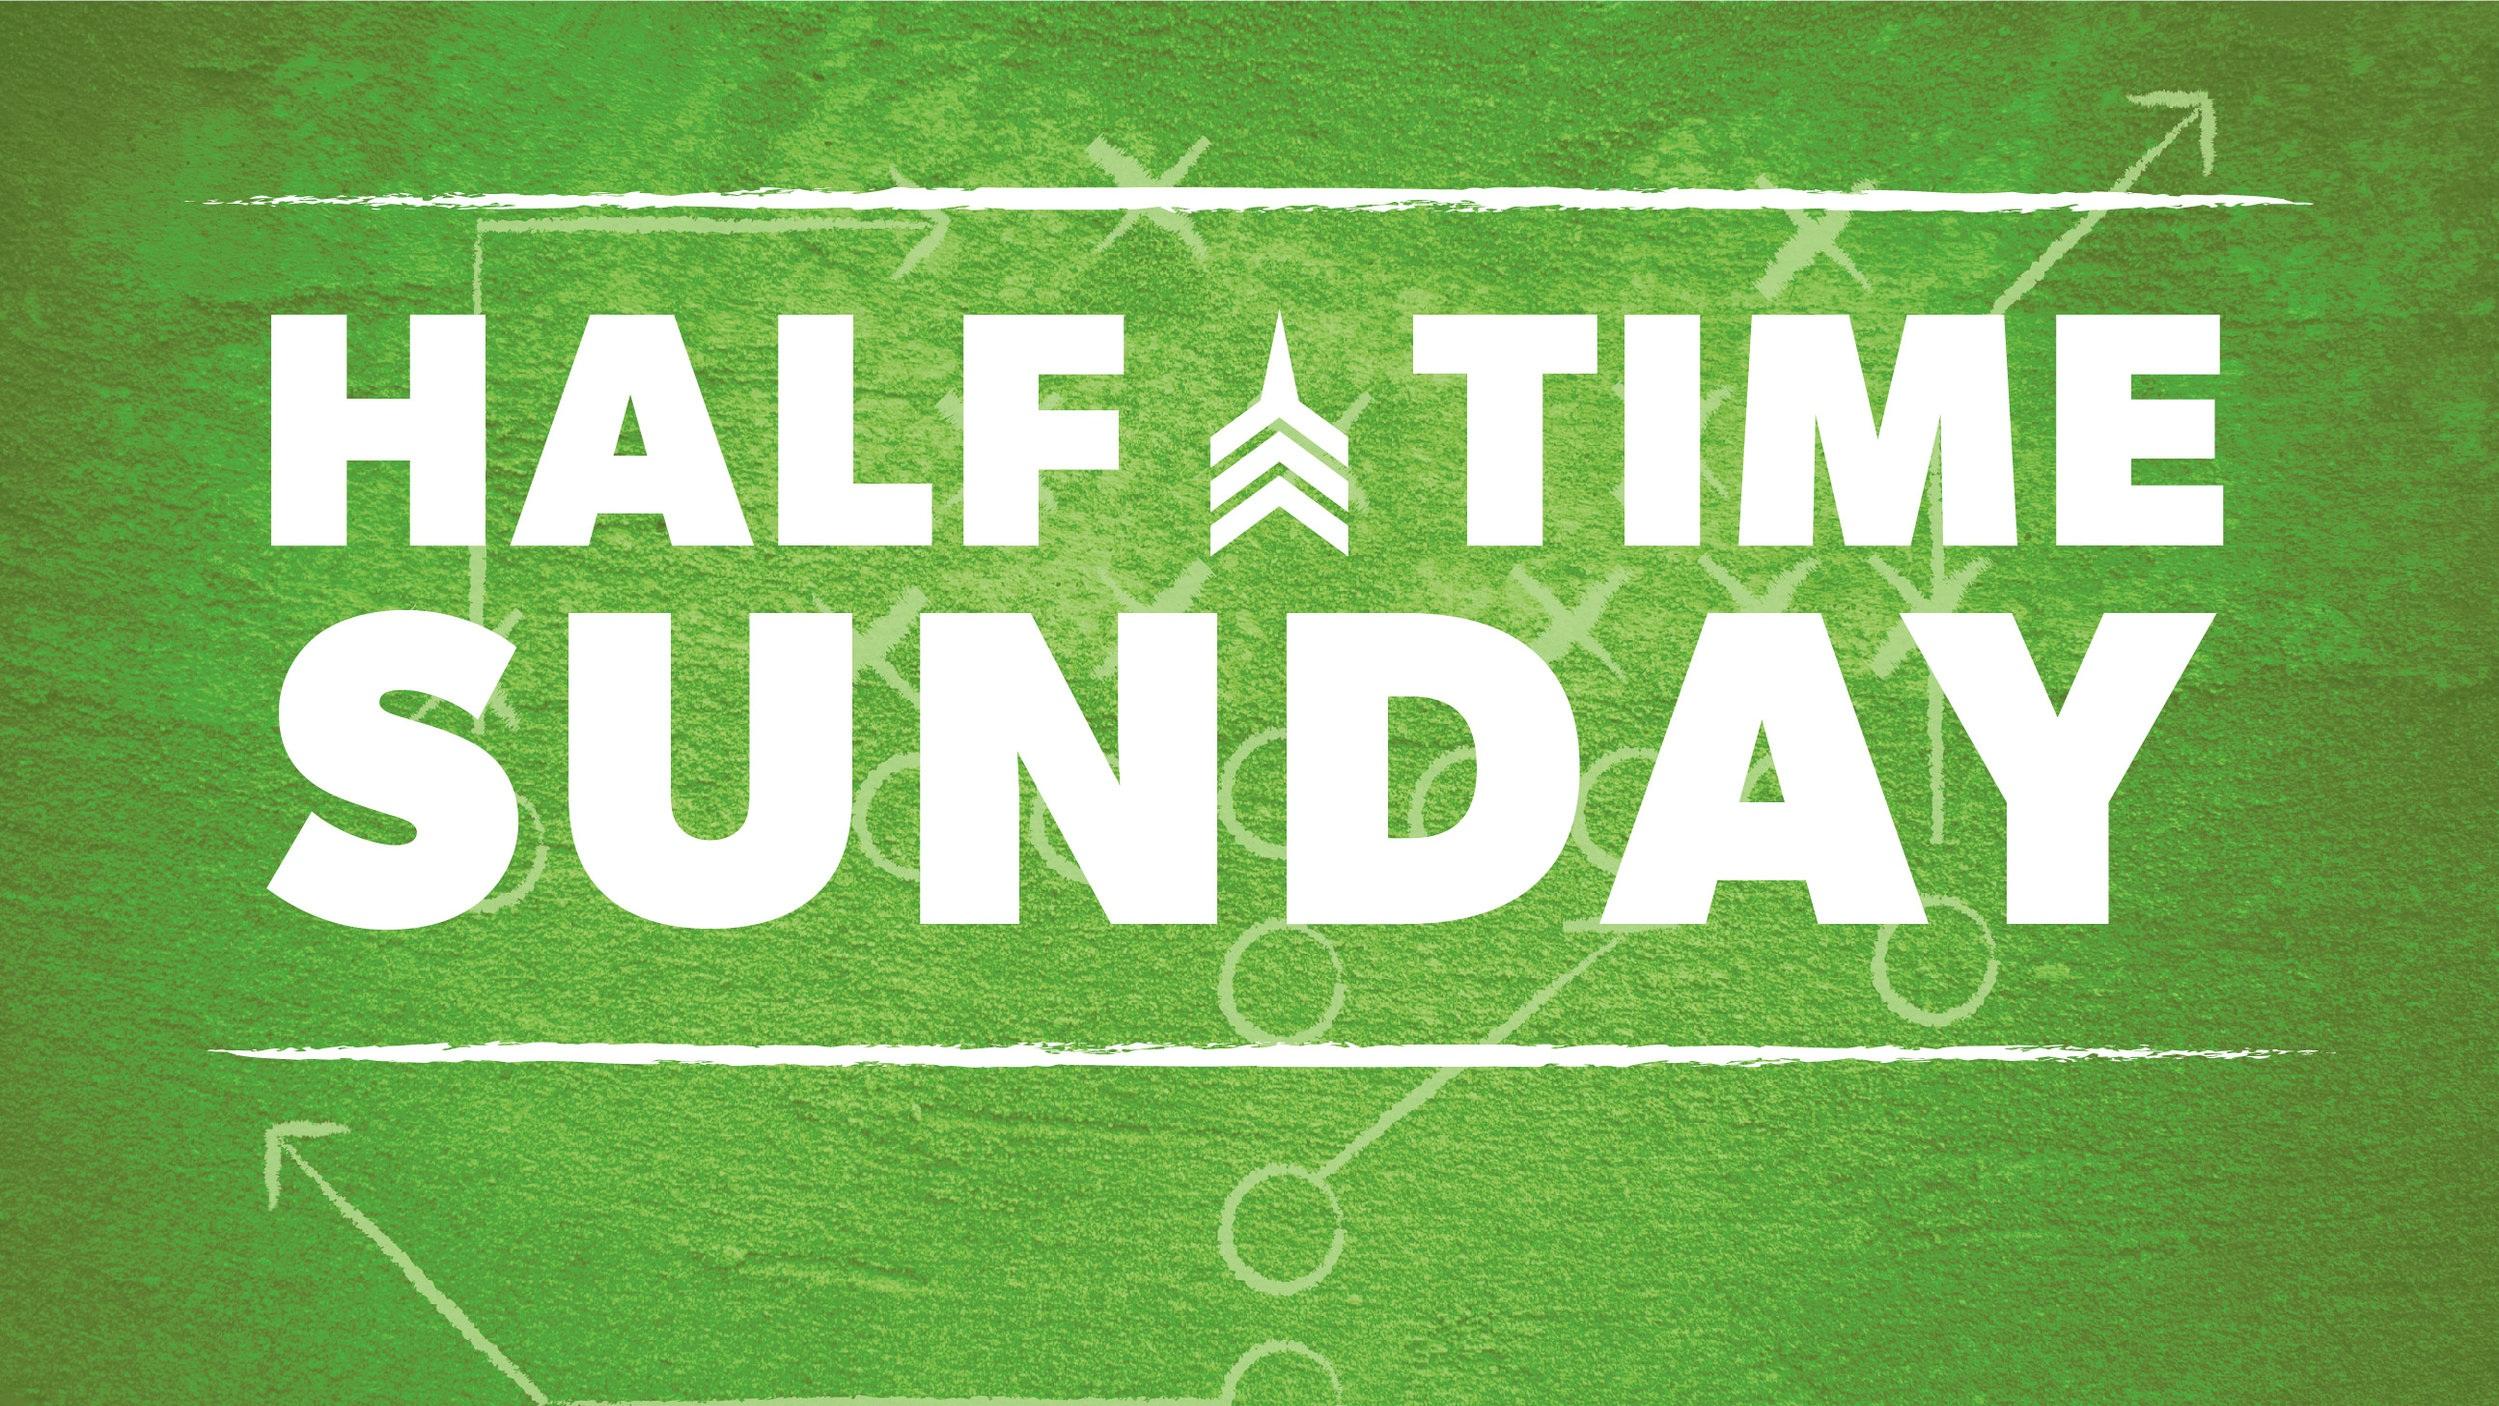 Halftime Sunday